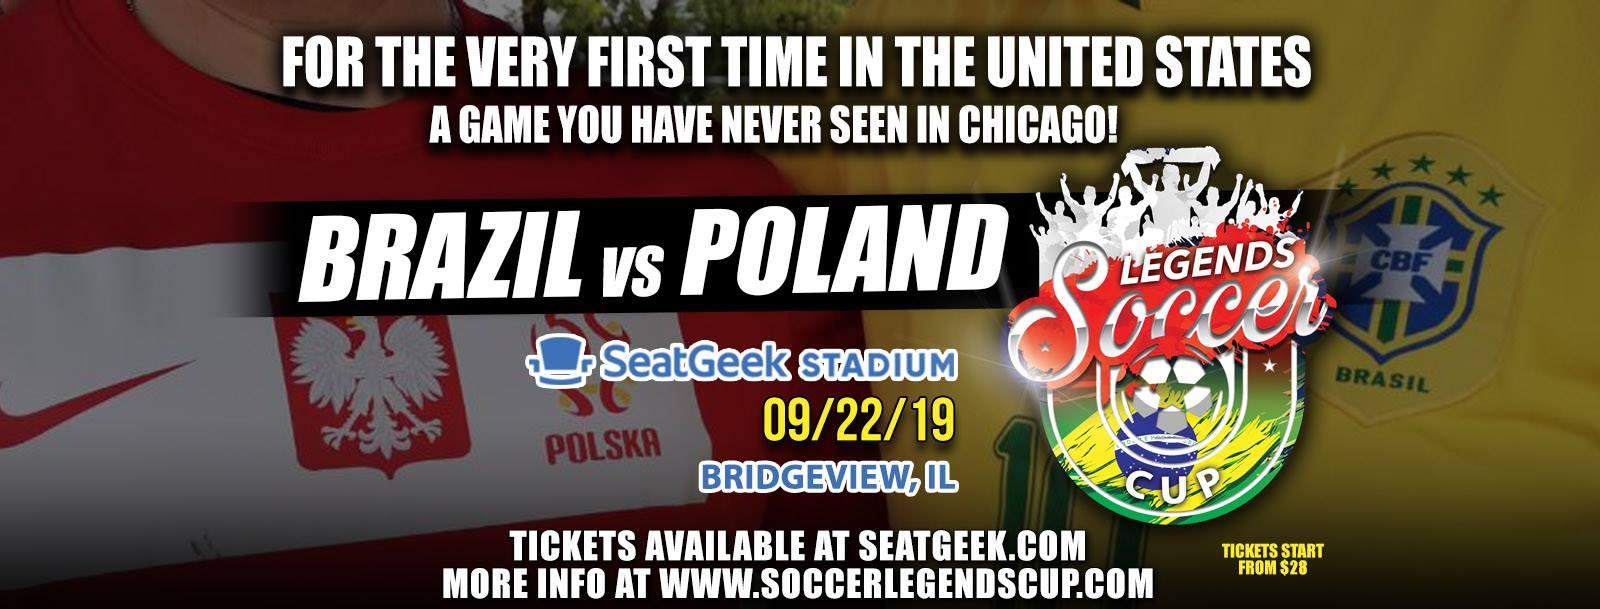 Brazylia vs Polska w Chicago - mecz legent piłki nożnej